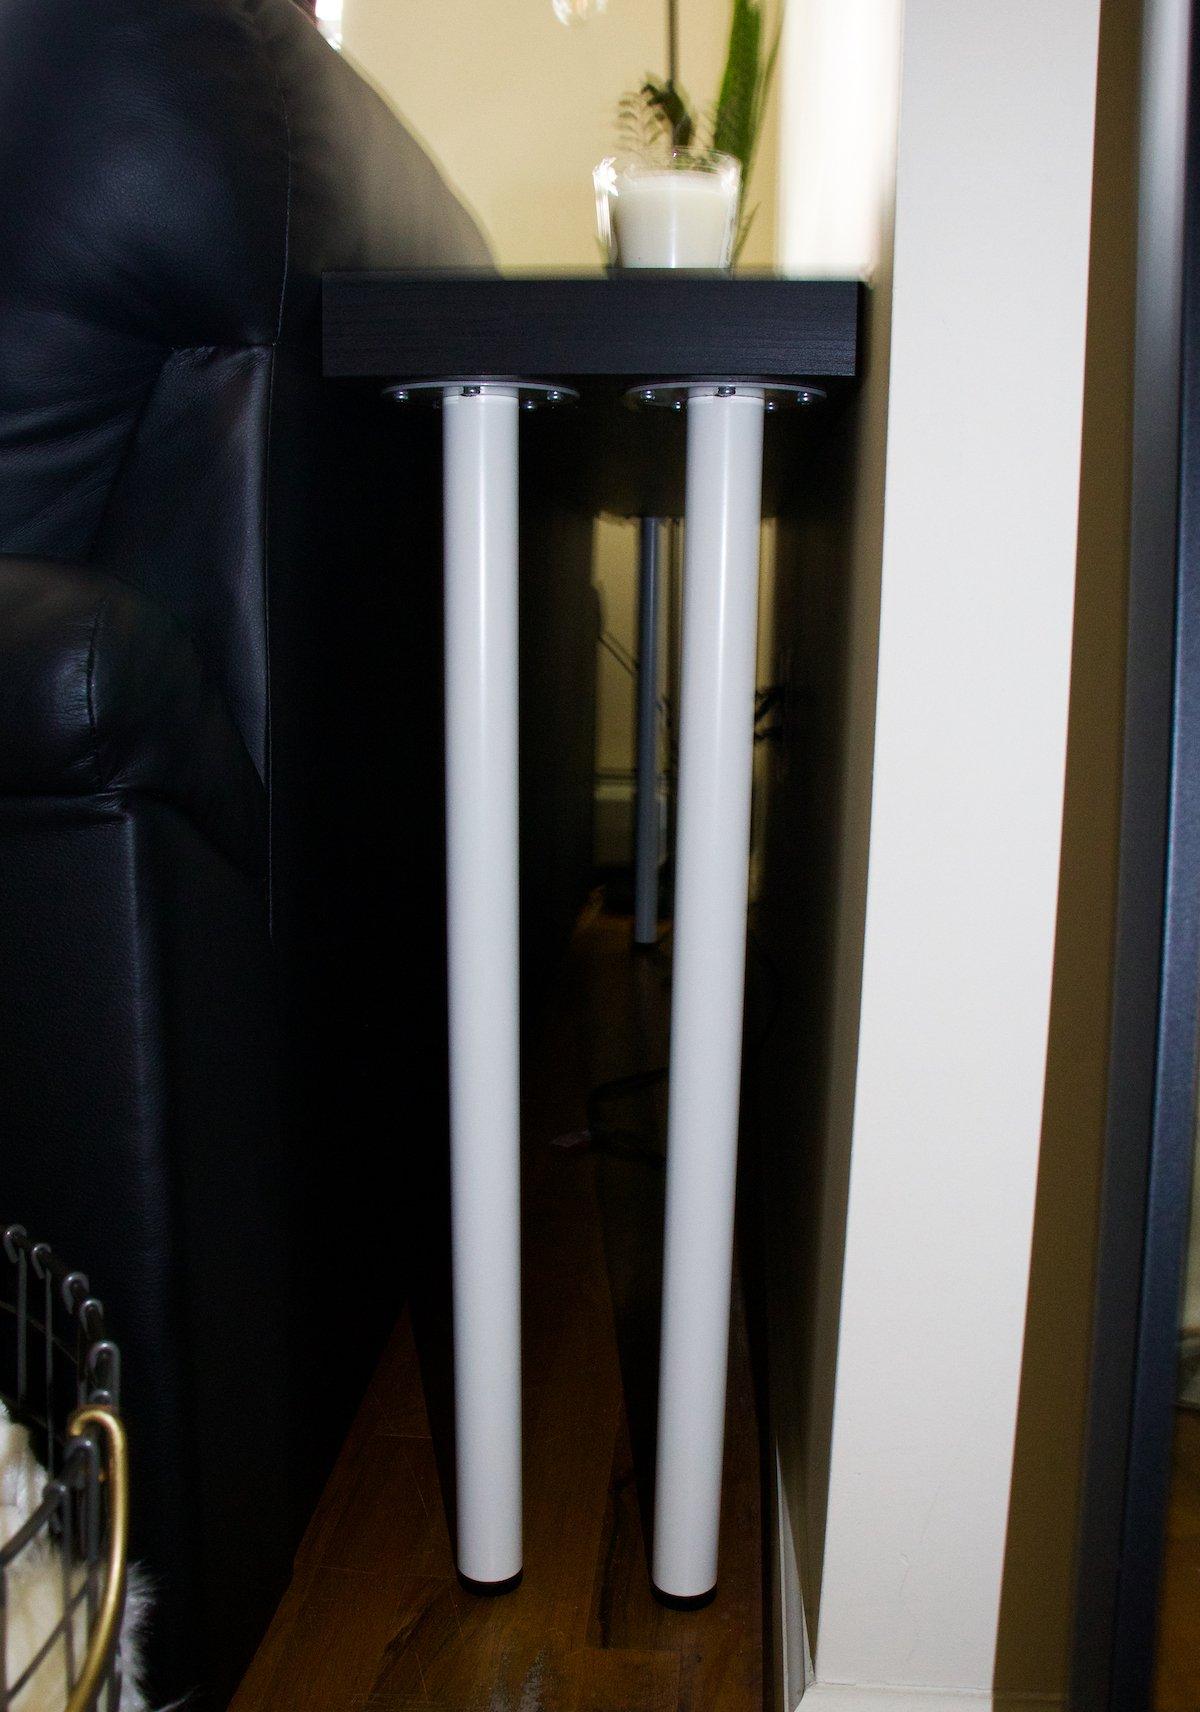 Ikea Adils Legs and Lack Shelf Table